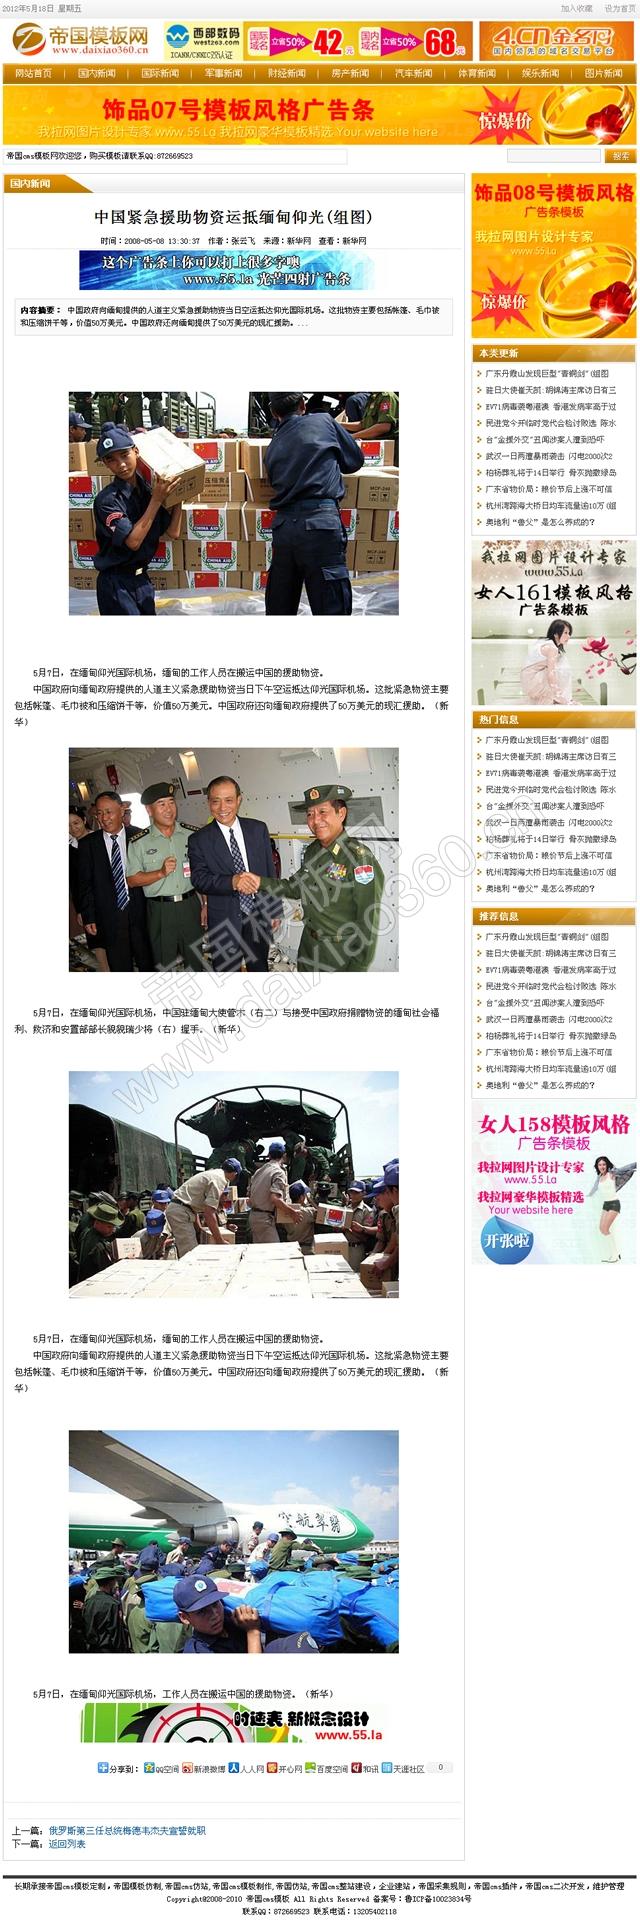 帝国cms橙色大气资讯新闻文章模板_内容页